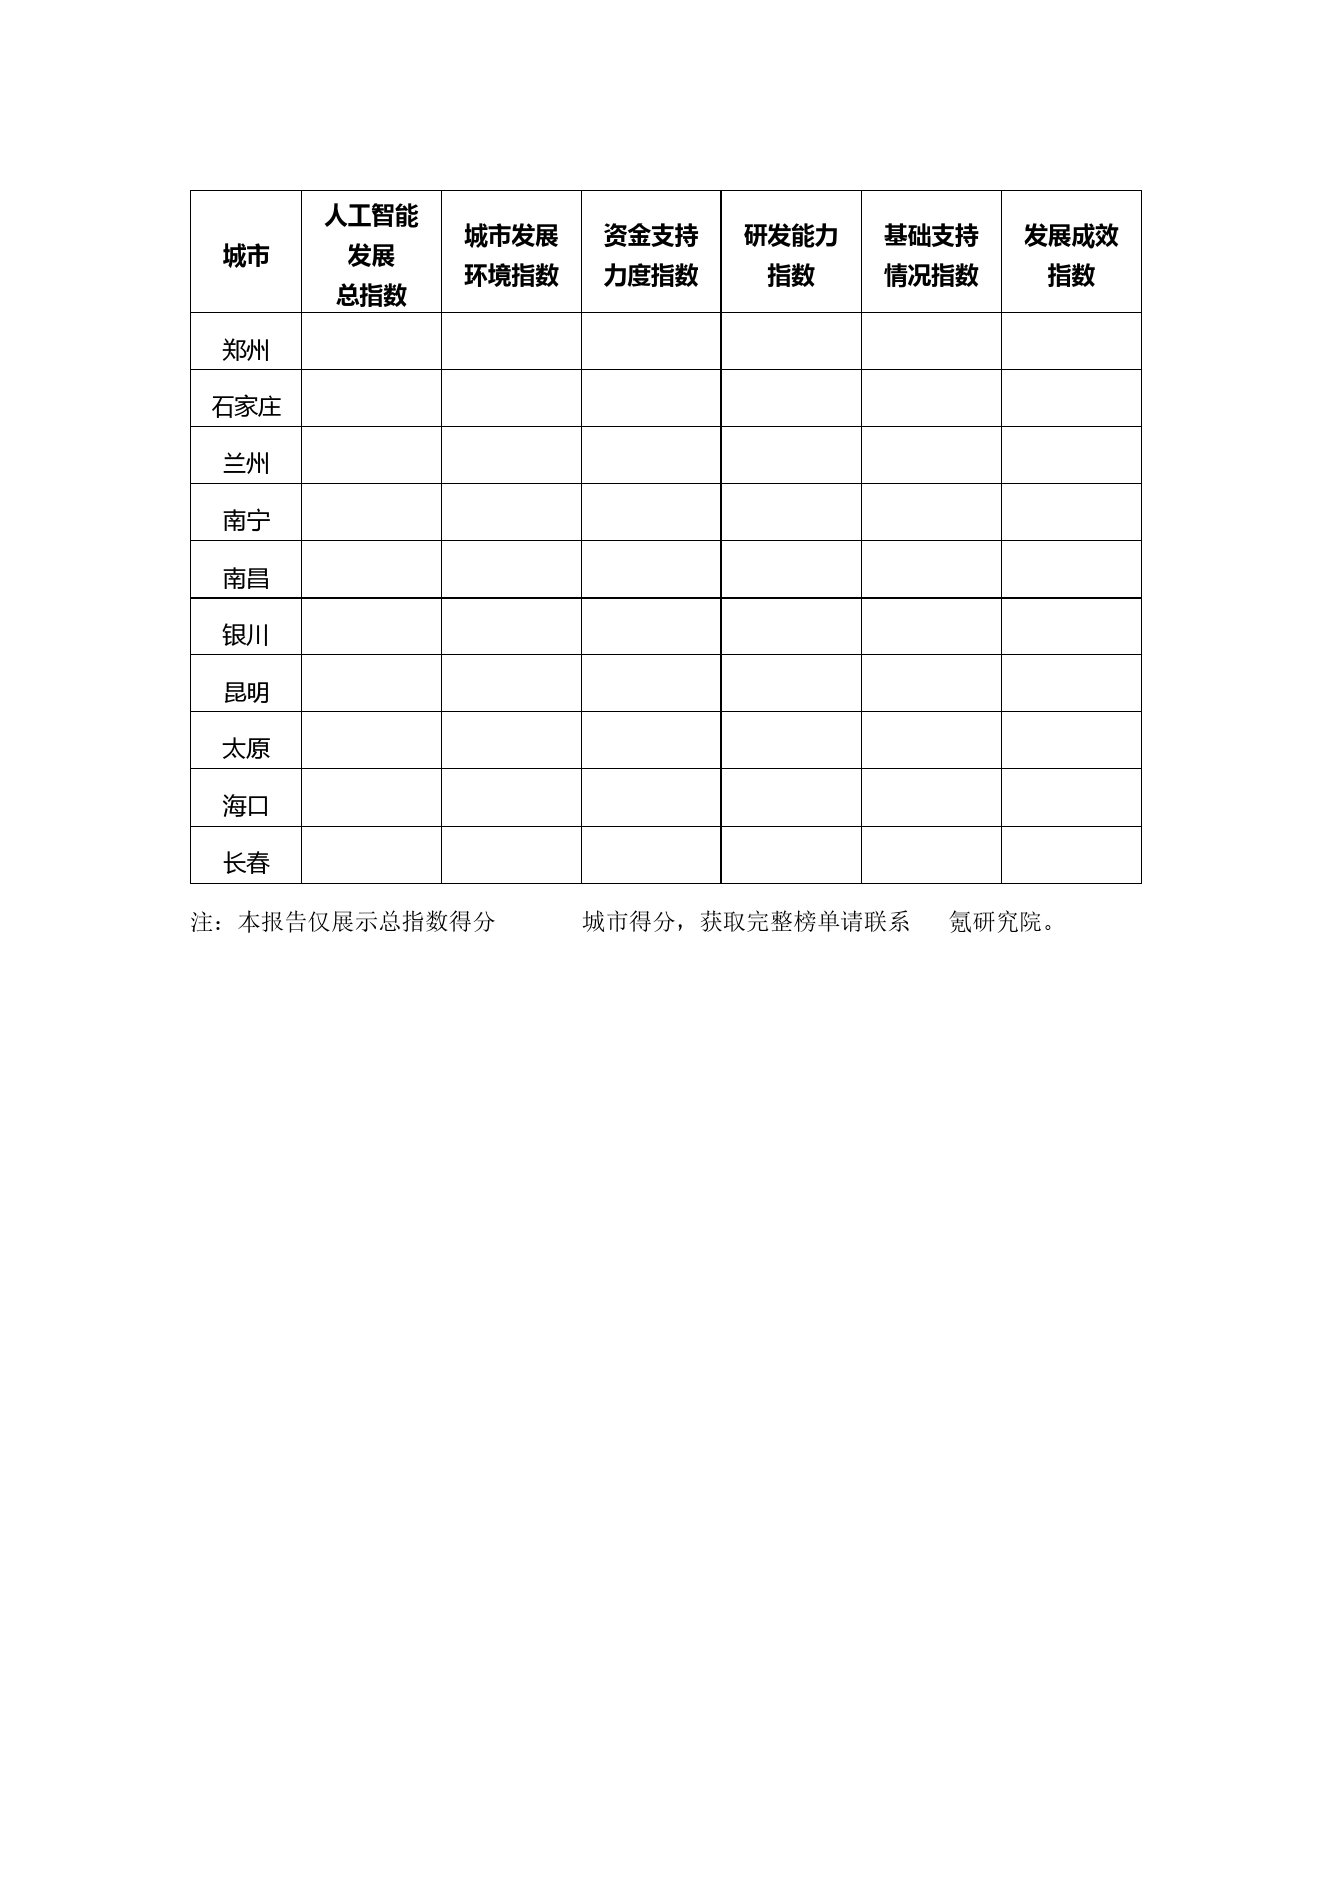 36氪研究院:2020年中国城市人工智能发展指数报告(可下载报告)插图(93)